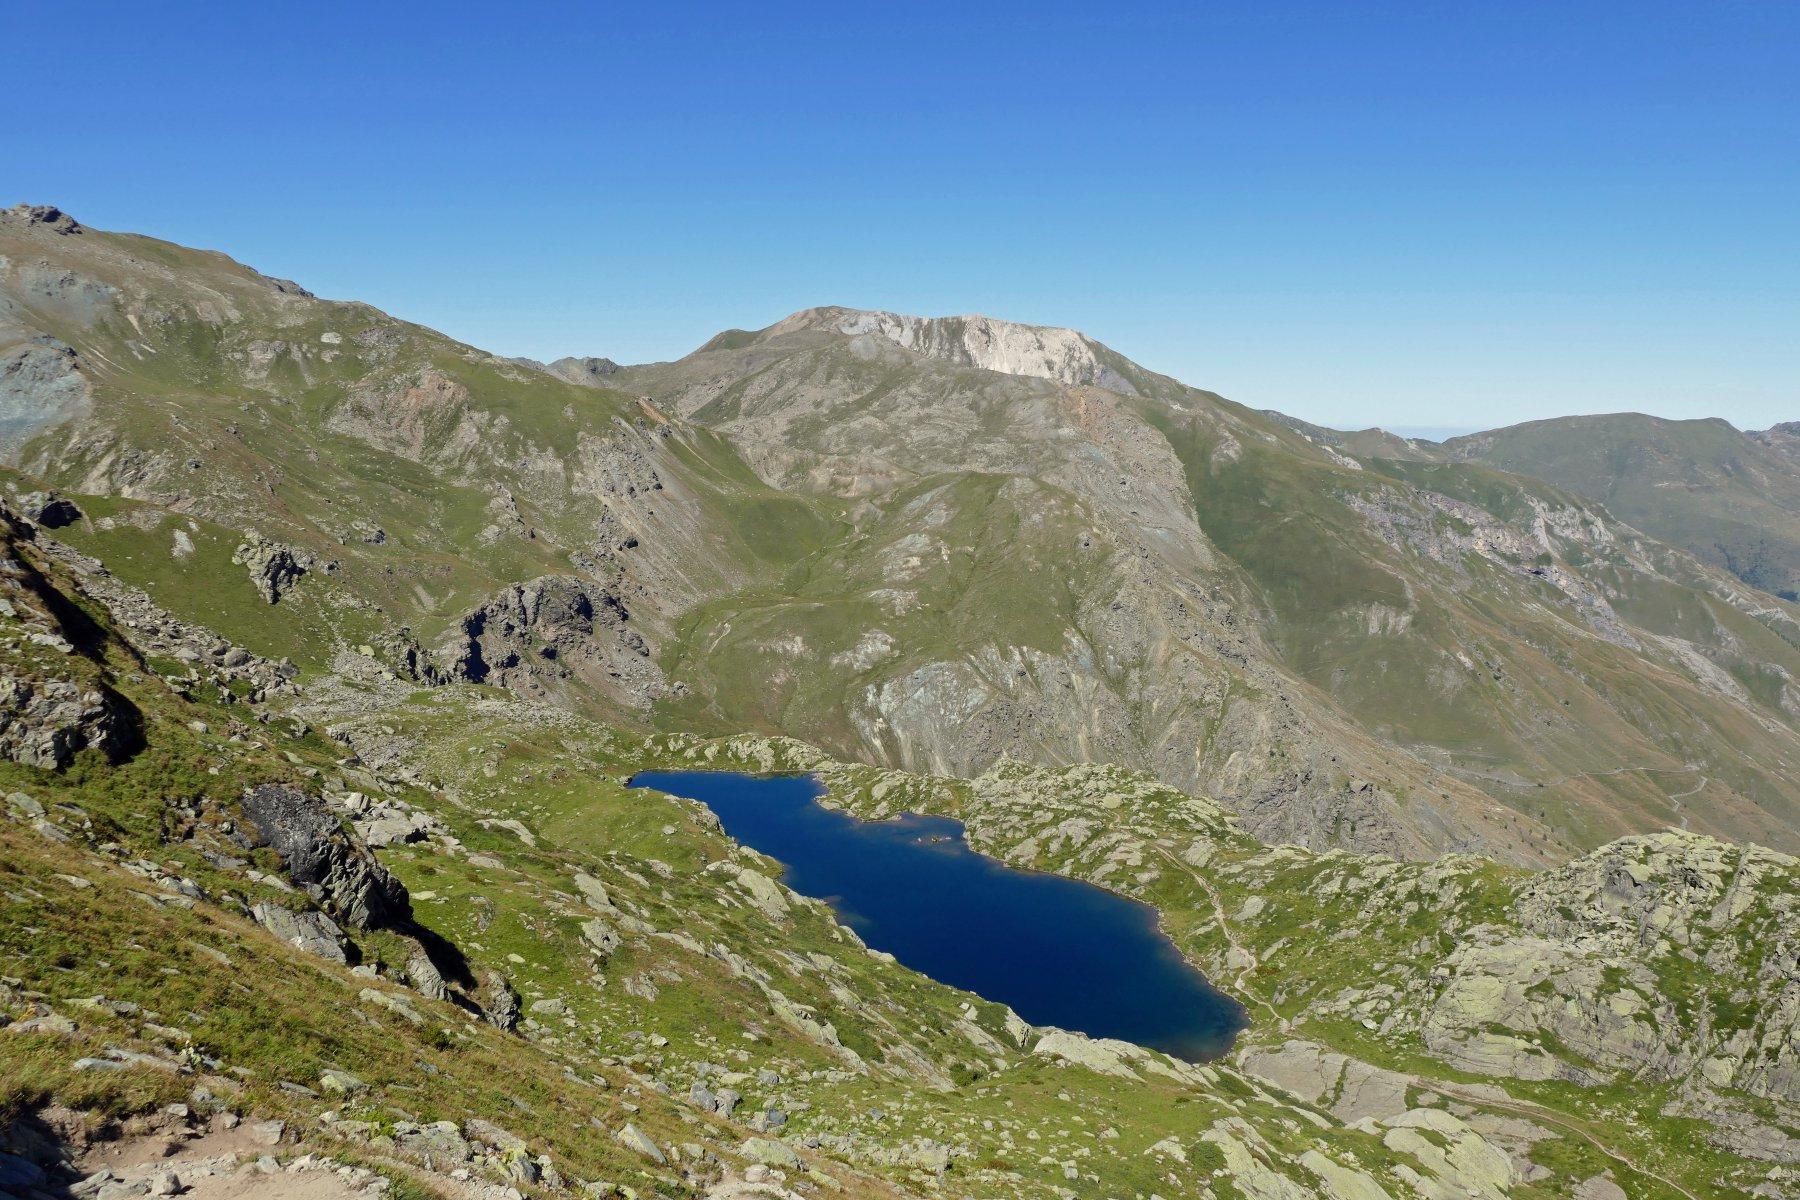 Scendendo vista sullo spettacolare Lago Superiore del Viso